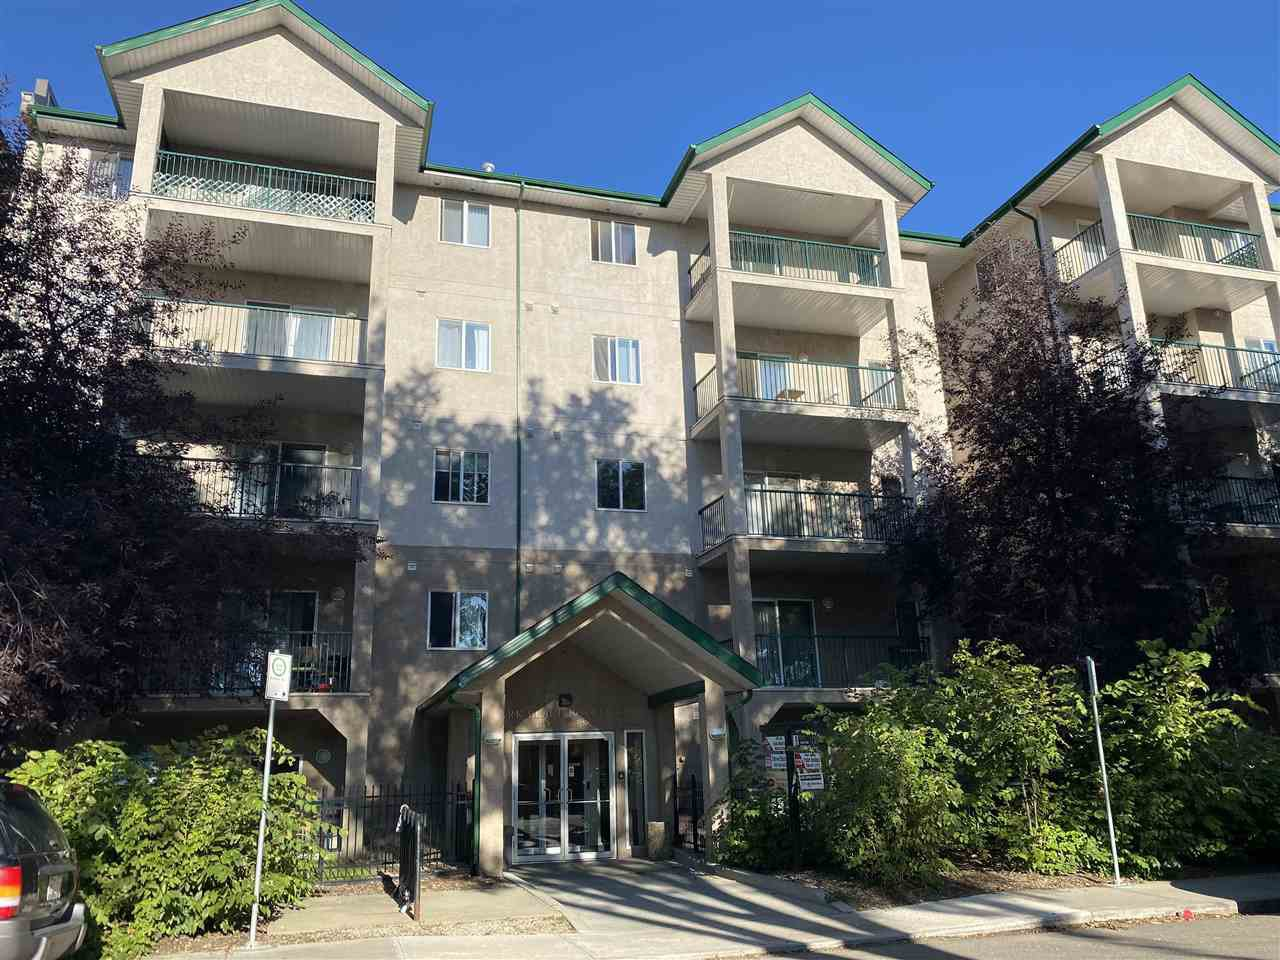 Main Photo: 135 11325 83 Street in Edmonton: Zone 05 Condo for sale : MLS®# E4210168